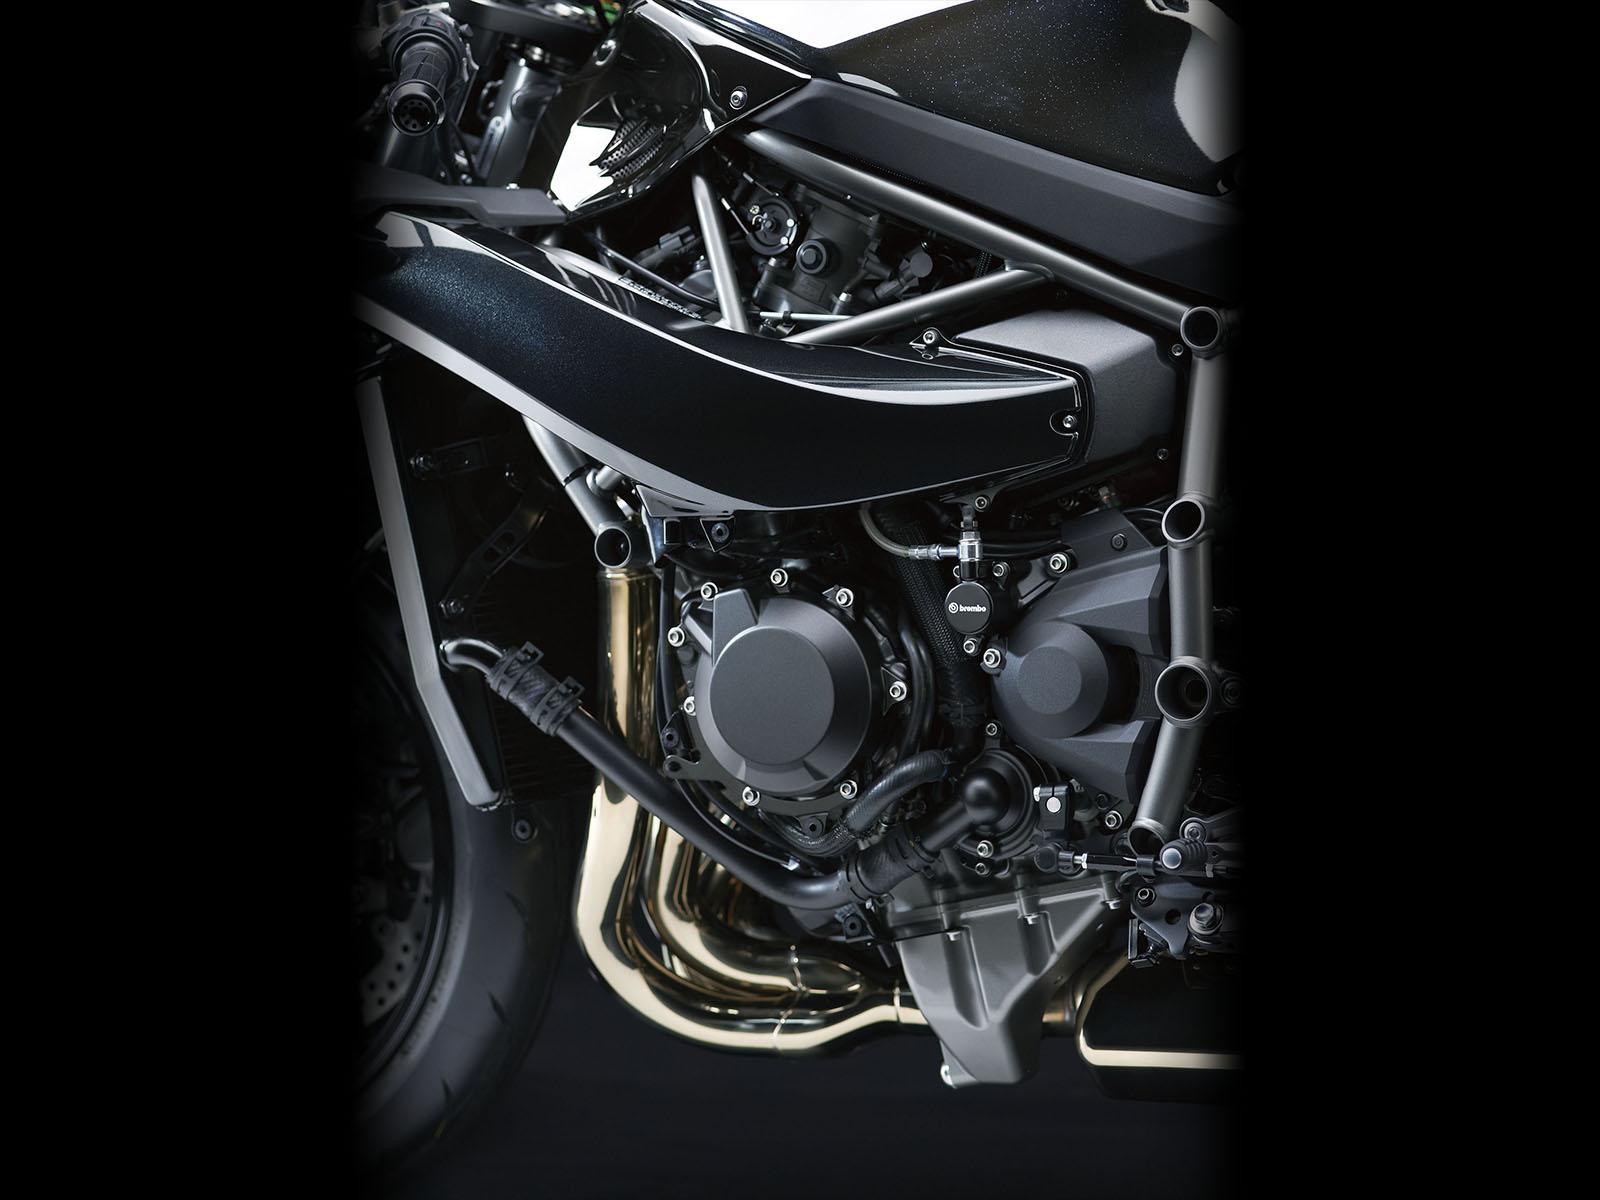 11_16ZX1000N_Engine_LB